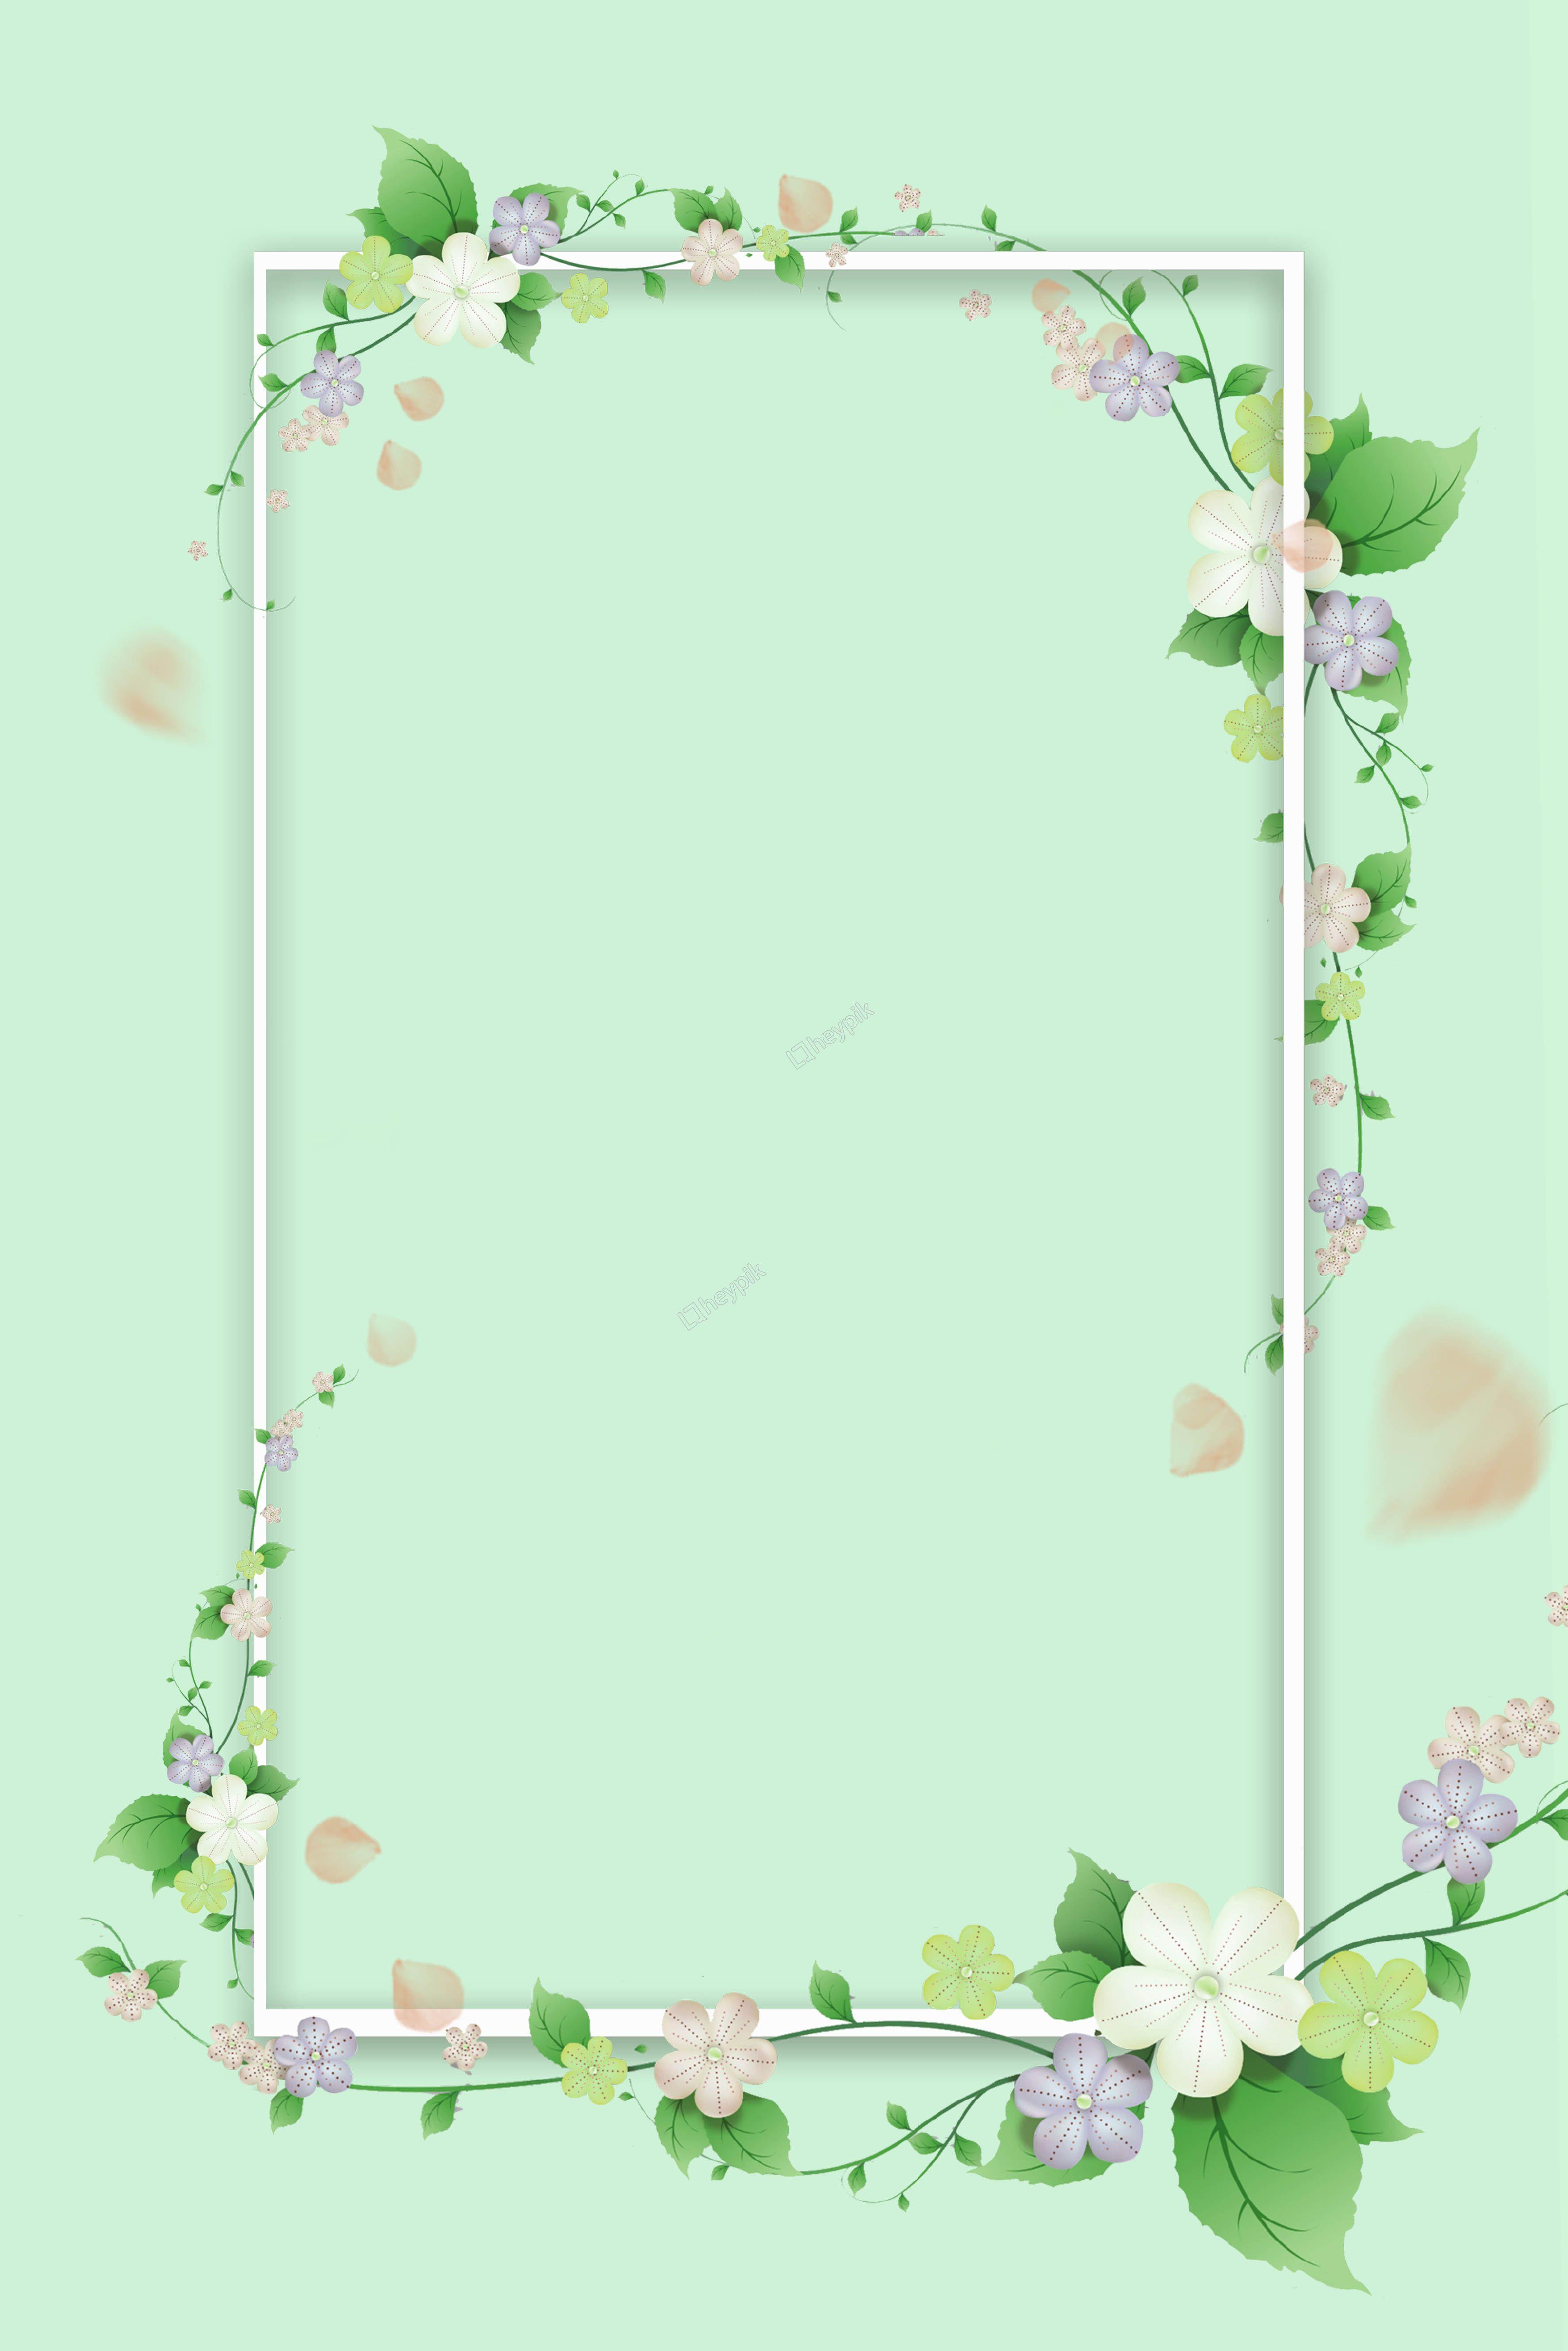 Fresh Green Flower Border Theme Poster Flower Background Wallpaper Mint Green Wallpaper Vintage Flowers Wallpaper